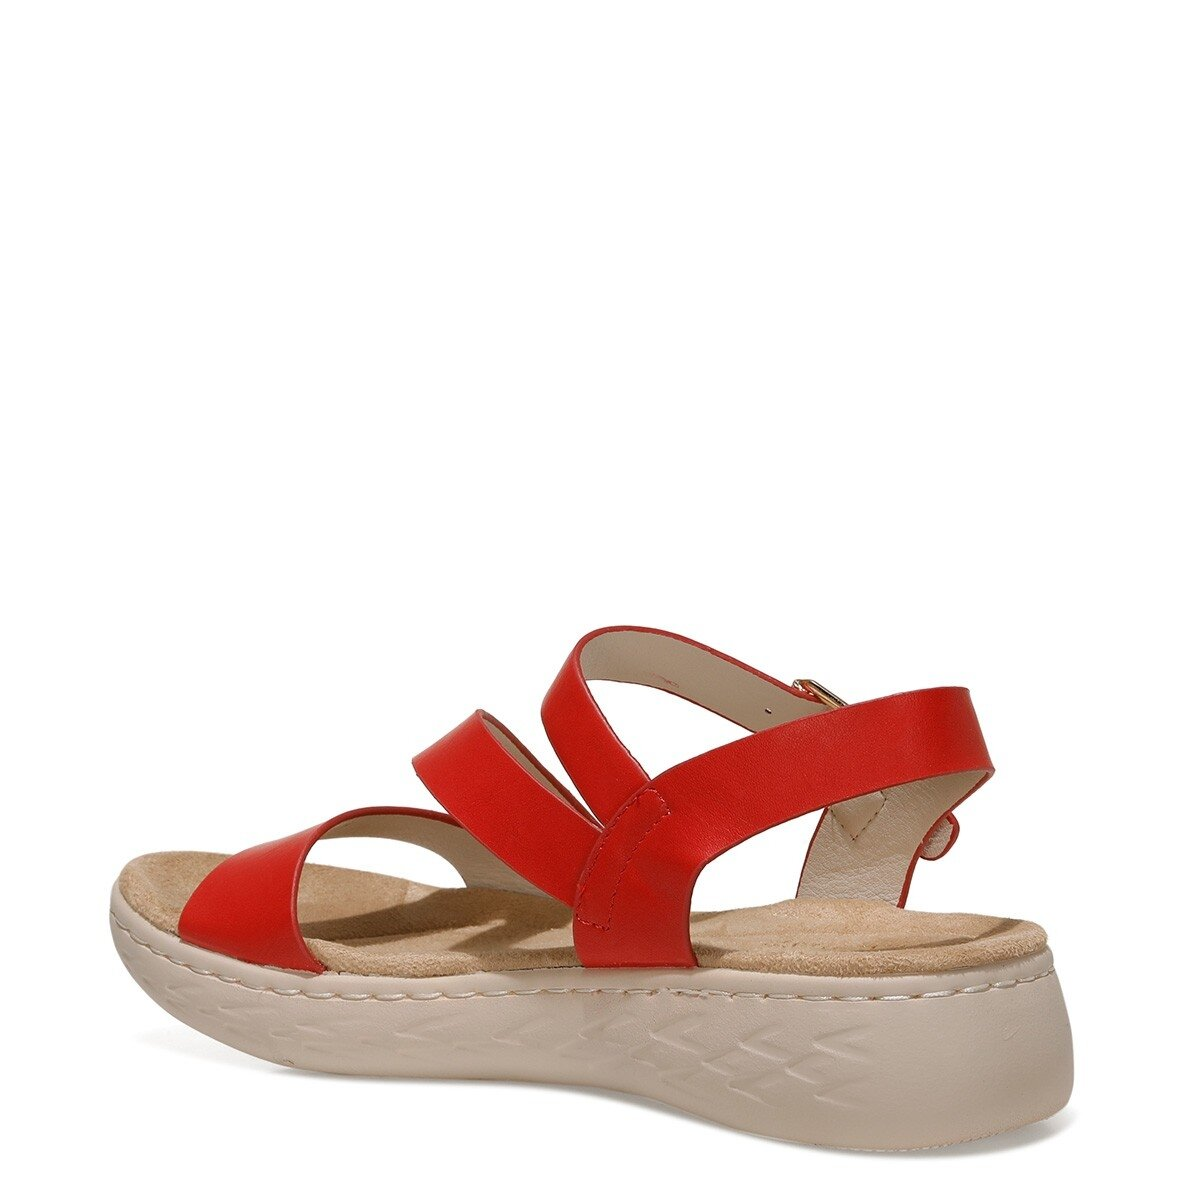 MARGARET 1FX Kırmızı Kadın Kalın Taban Sandalet